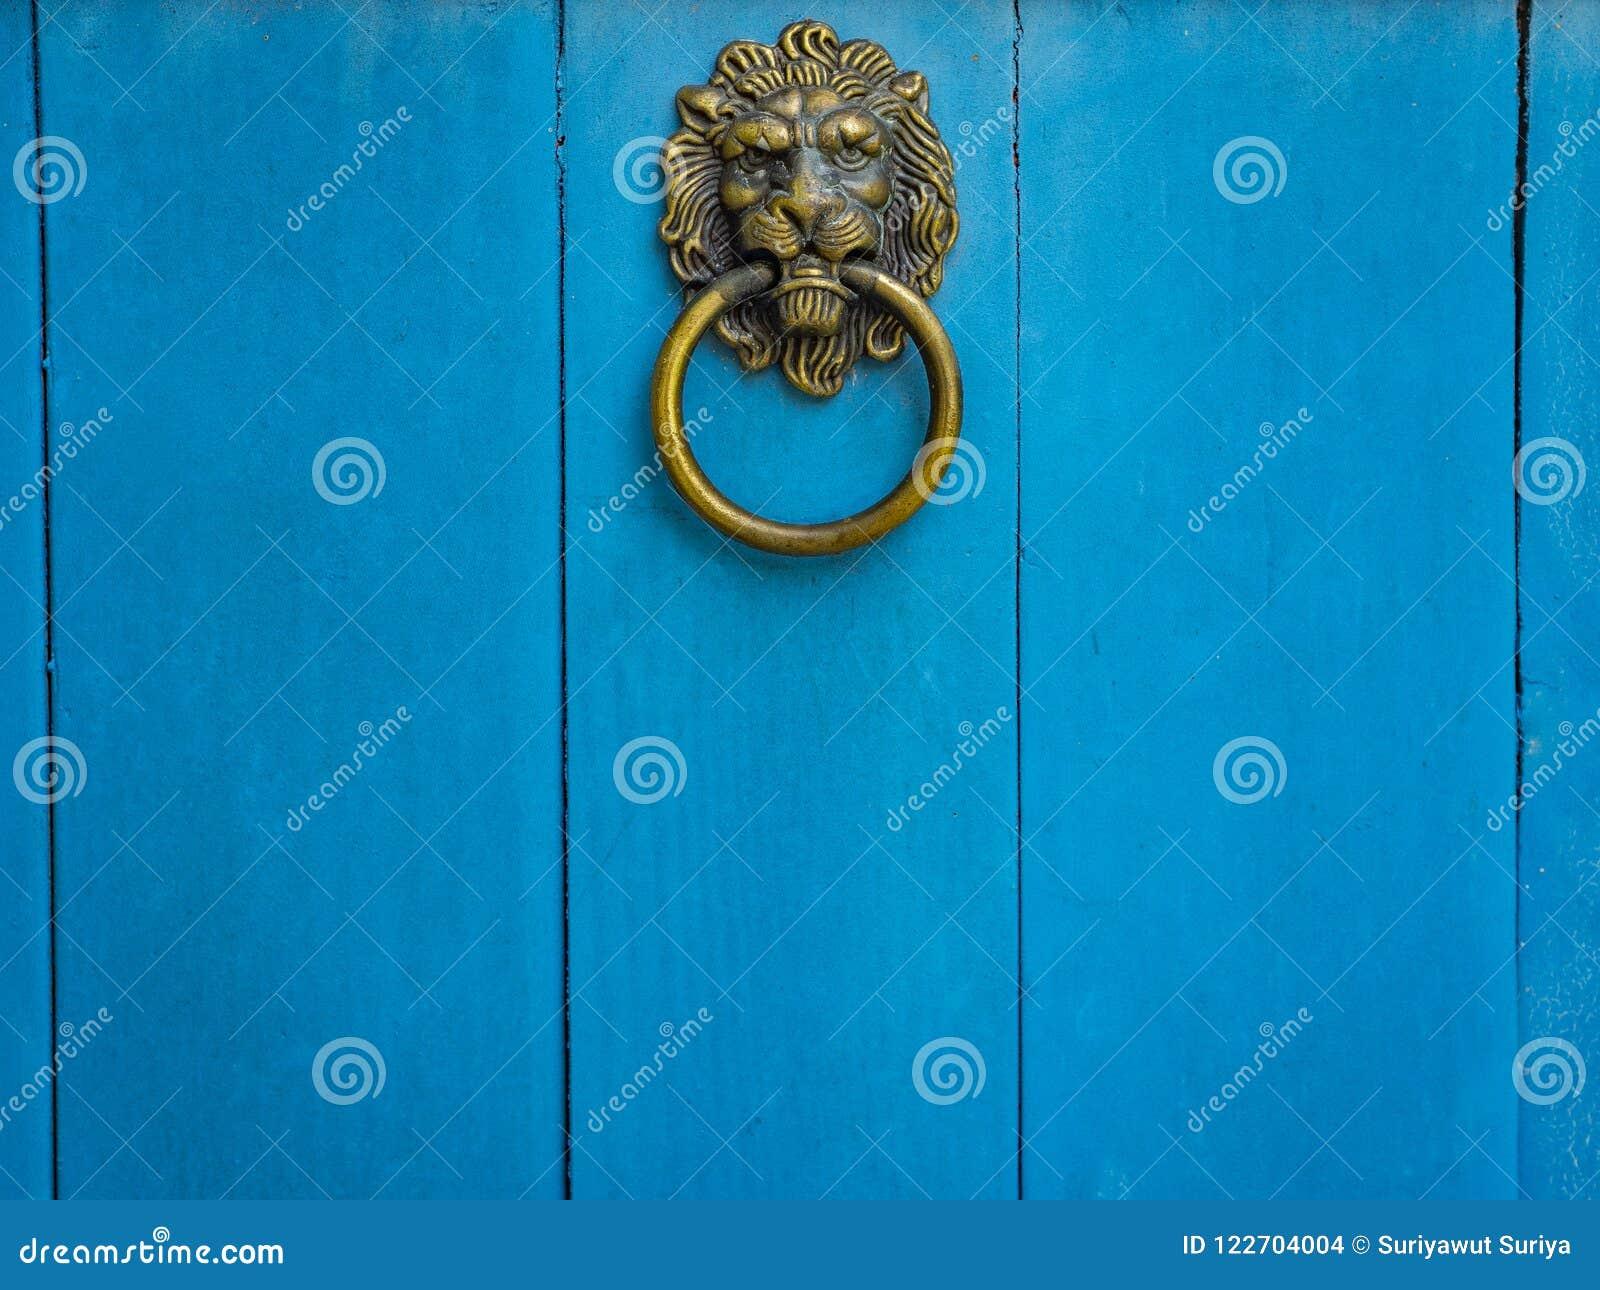 Lion Head Door Knocker på blå trädörr